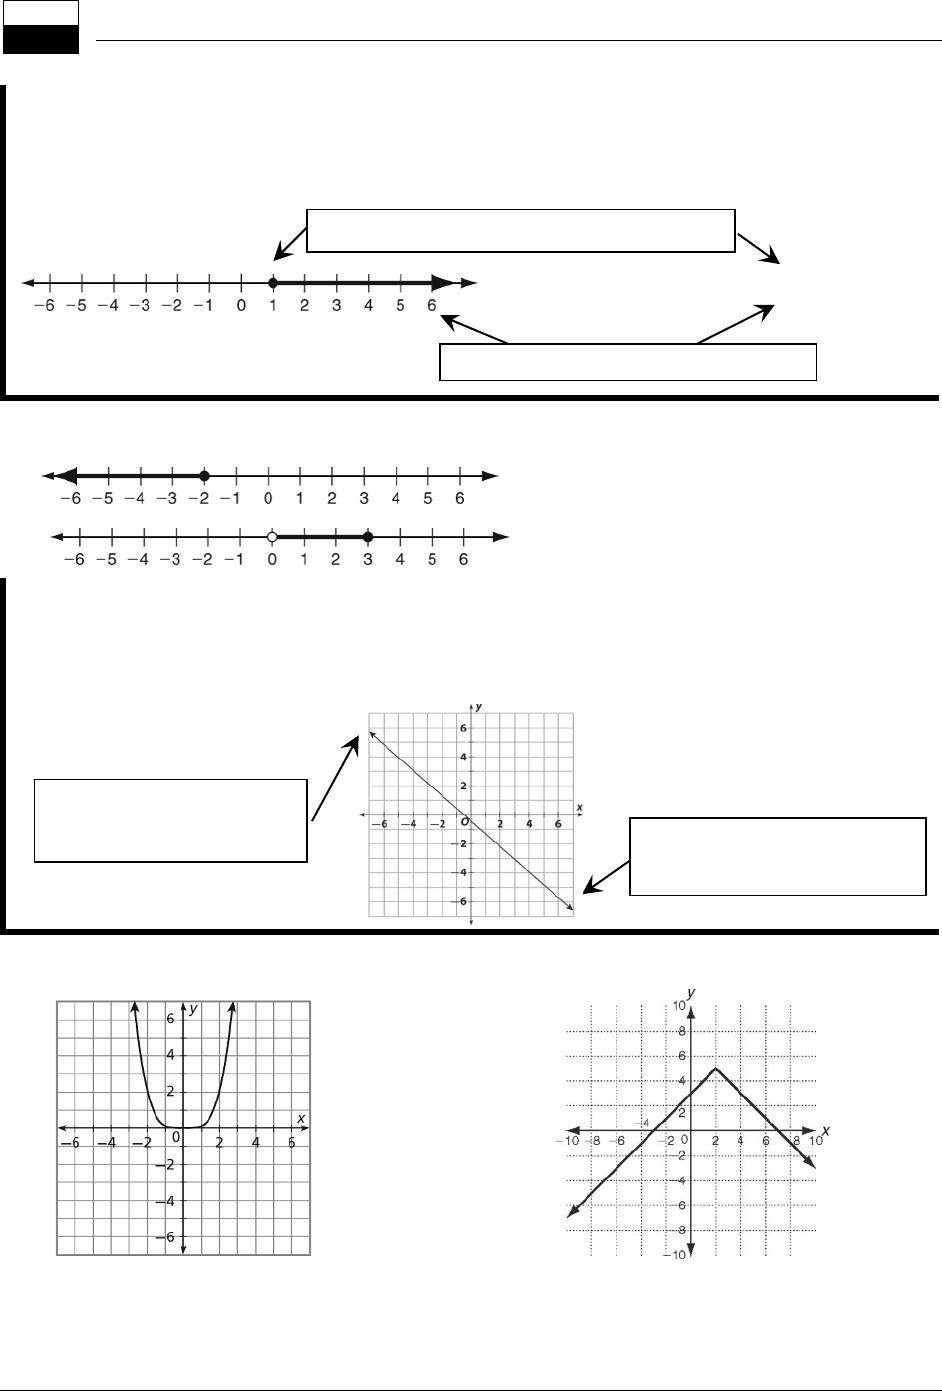 Lesson Domain Range And End Behavior 11 Interval Notation To For Domain Range And End Behavior Worksheet